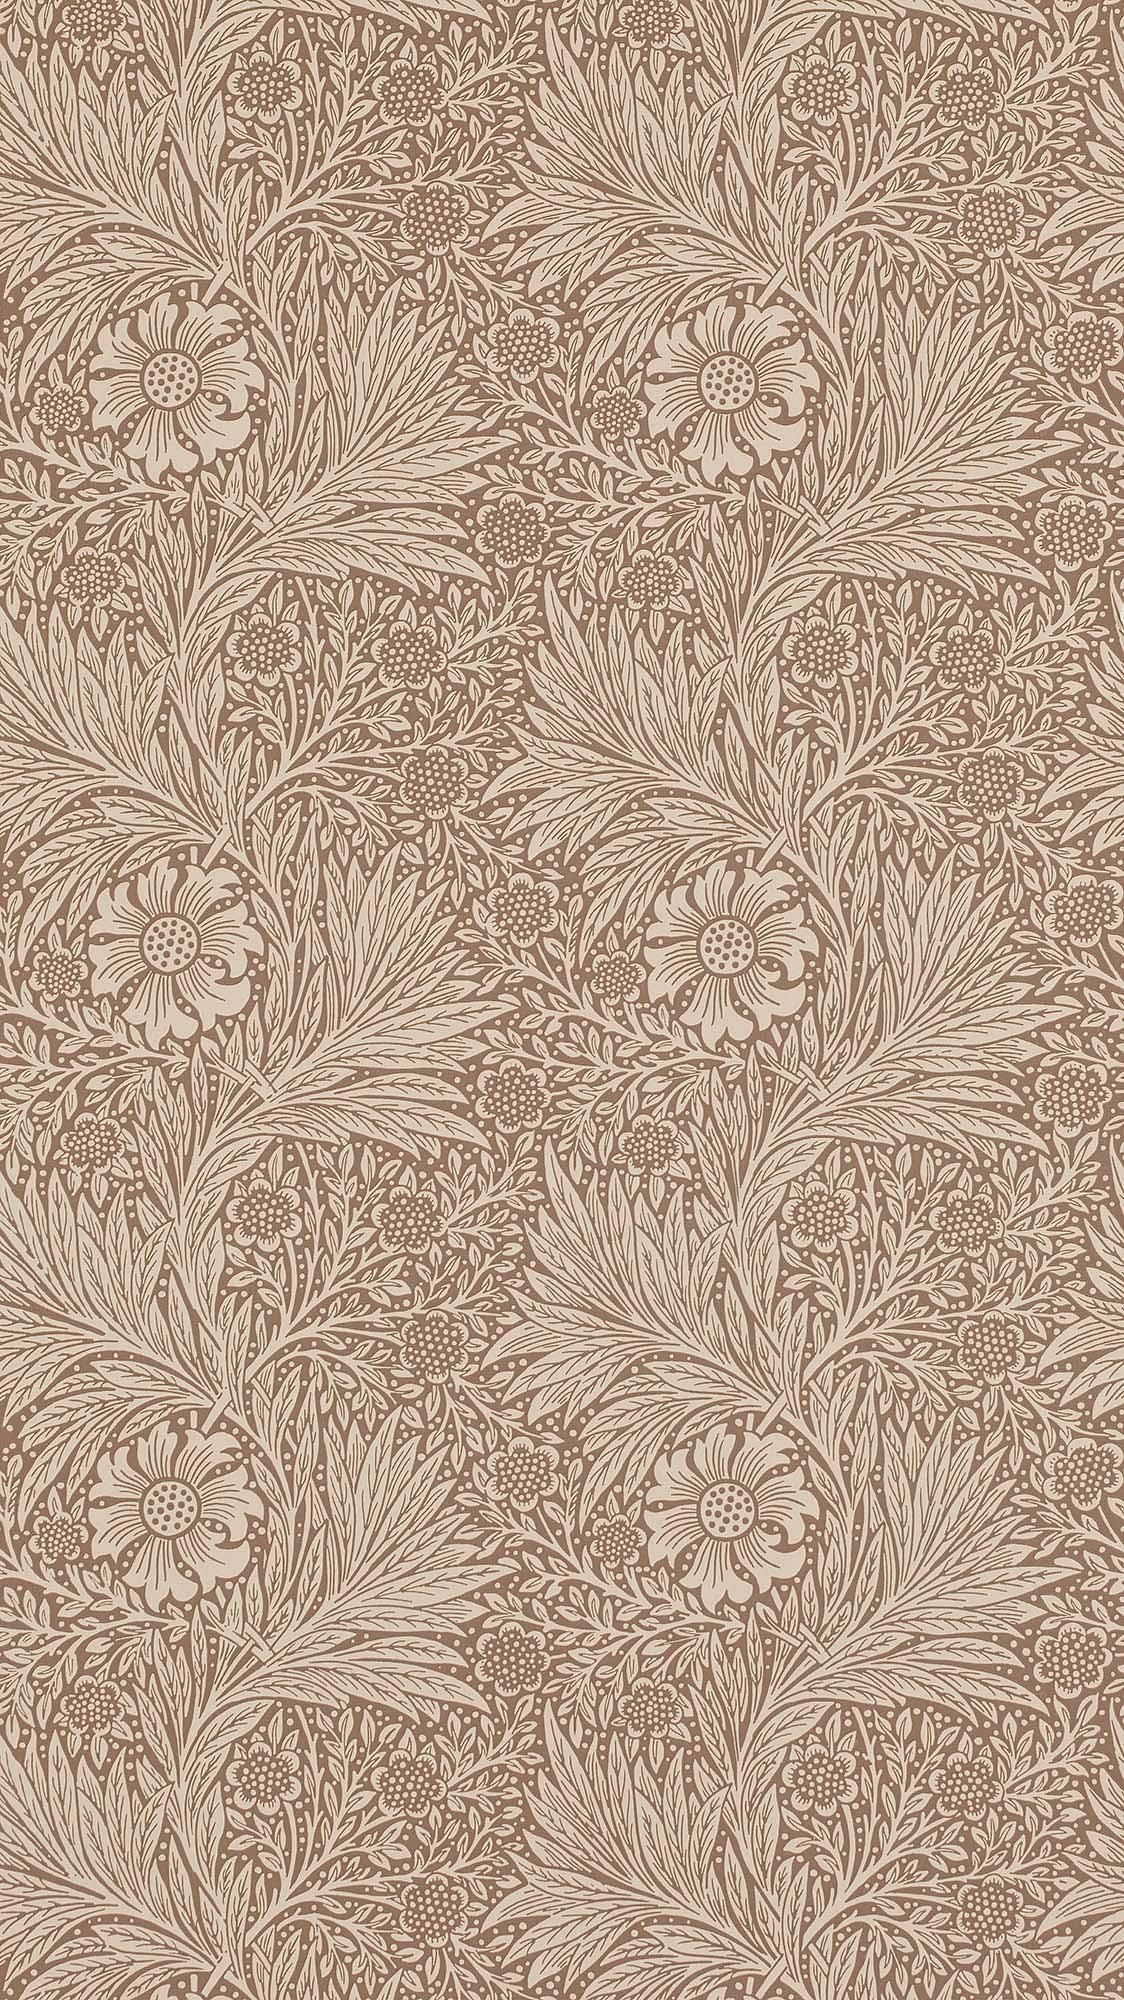 ウィリアムモリス壁紙 Marigold 210366